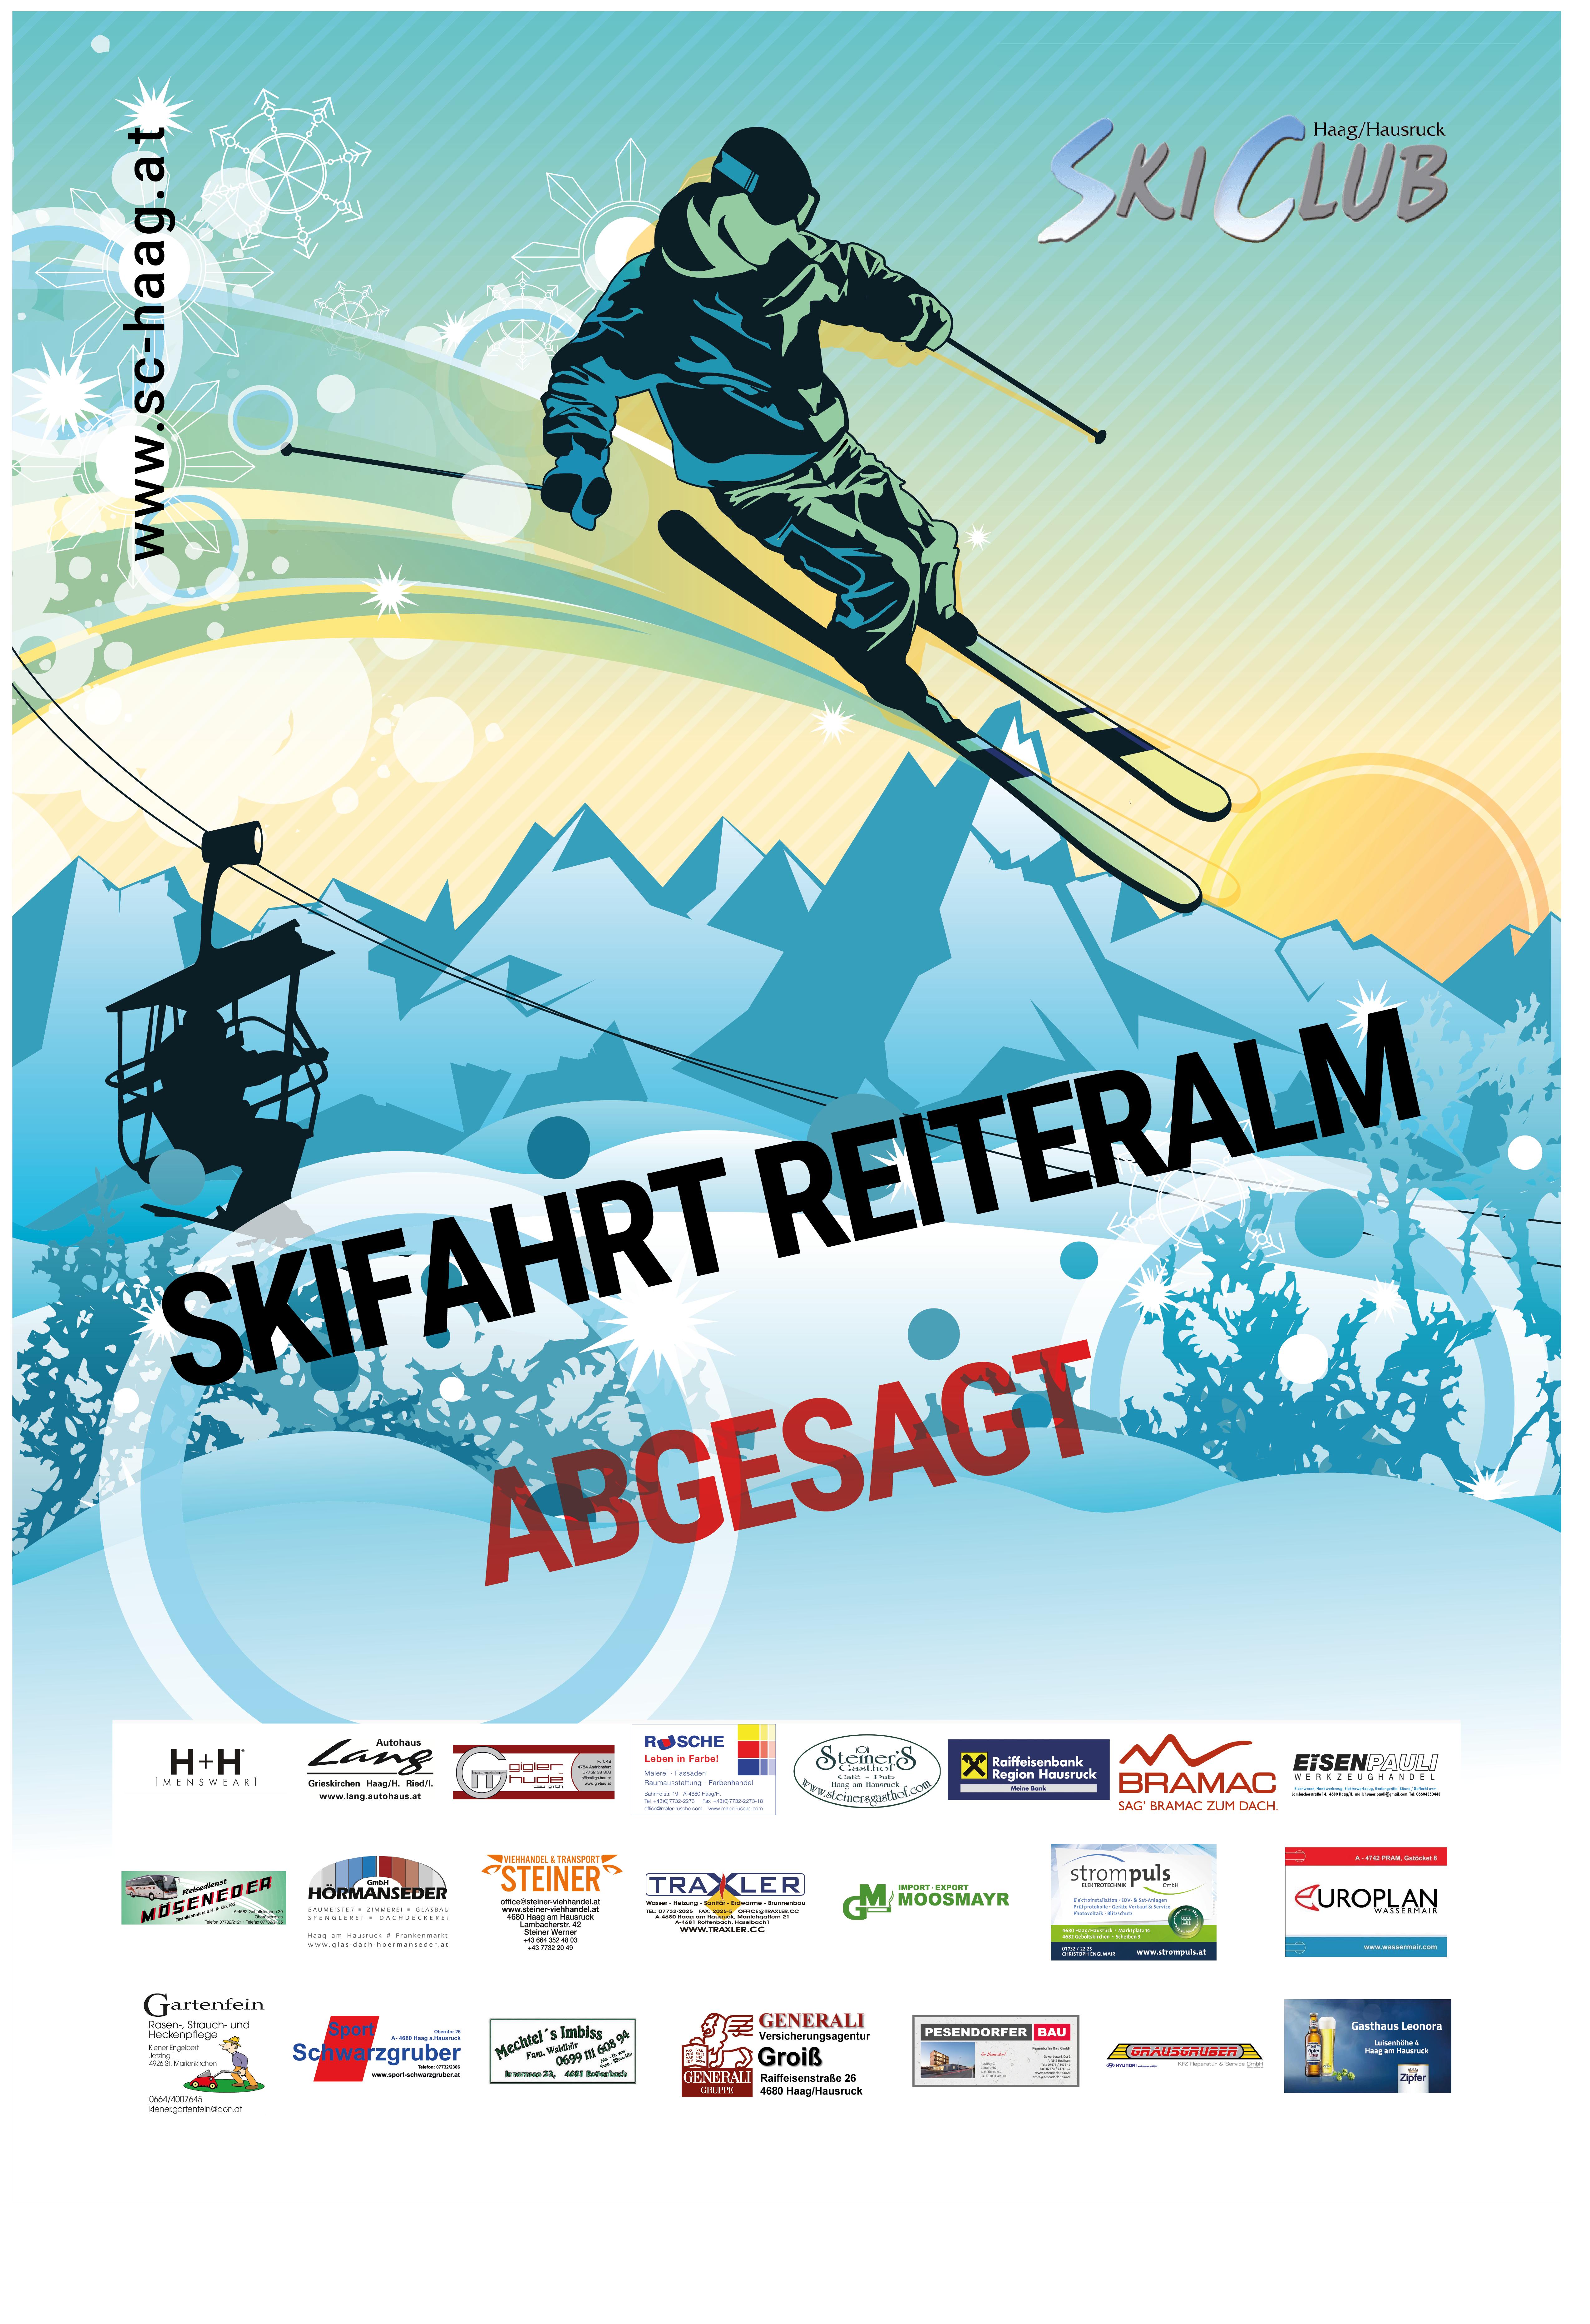 Skifahrt Reiteralm Absage